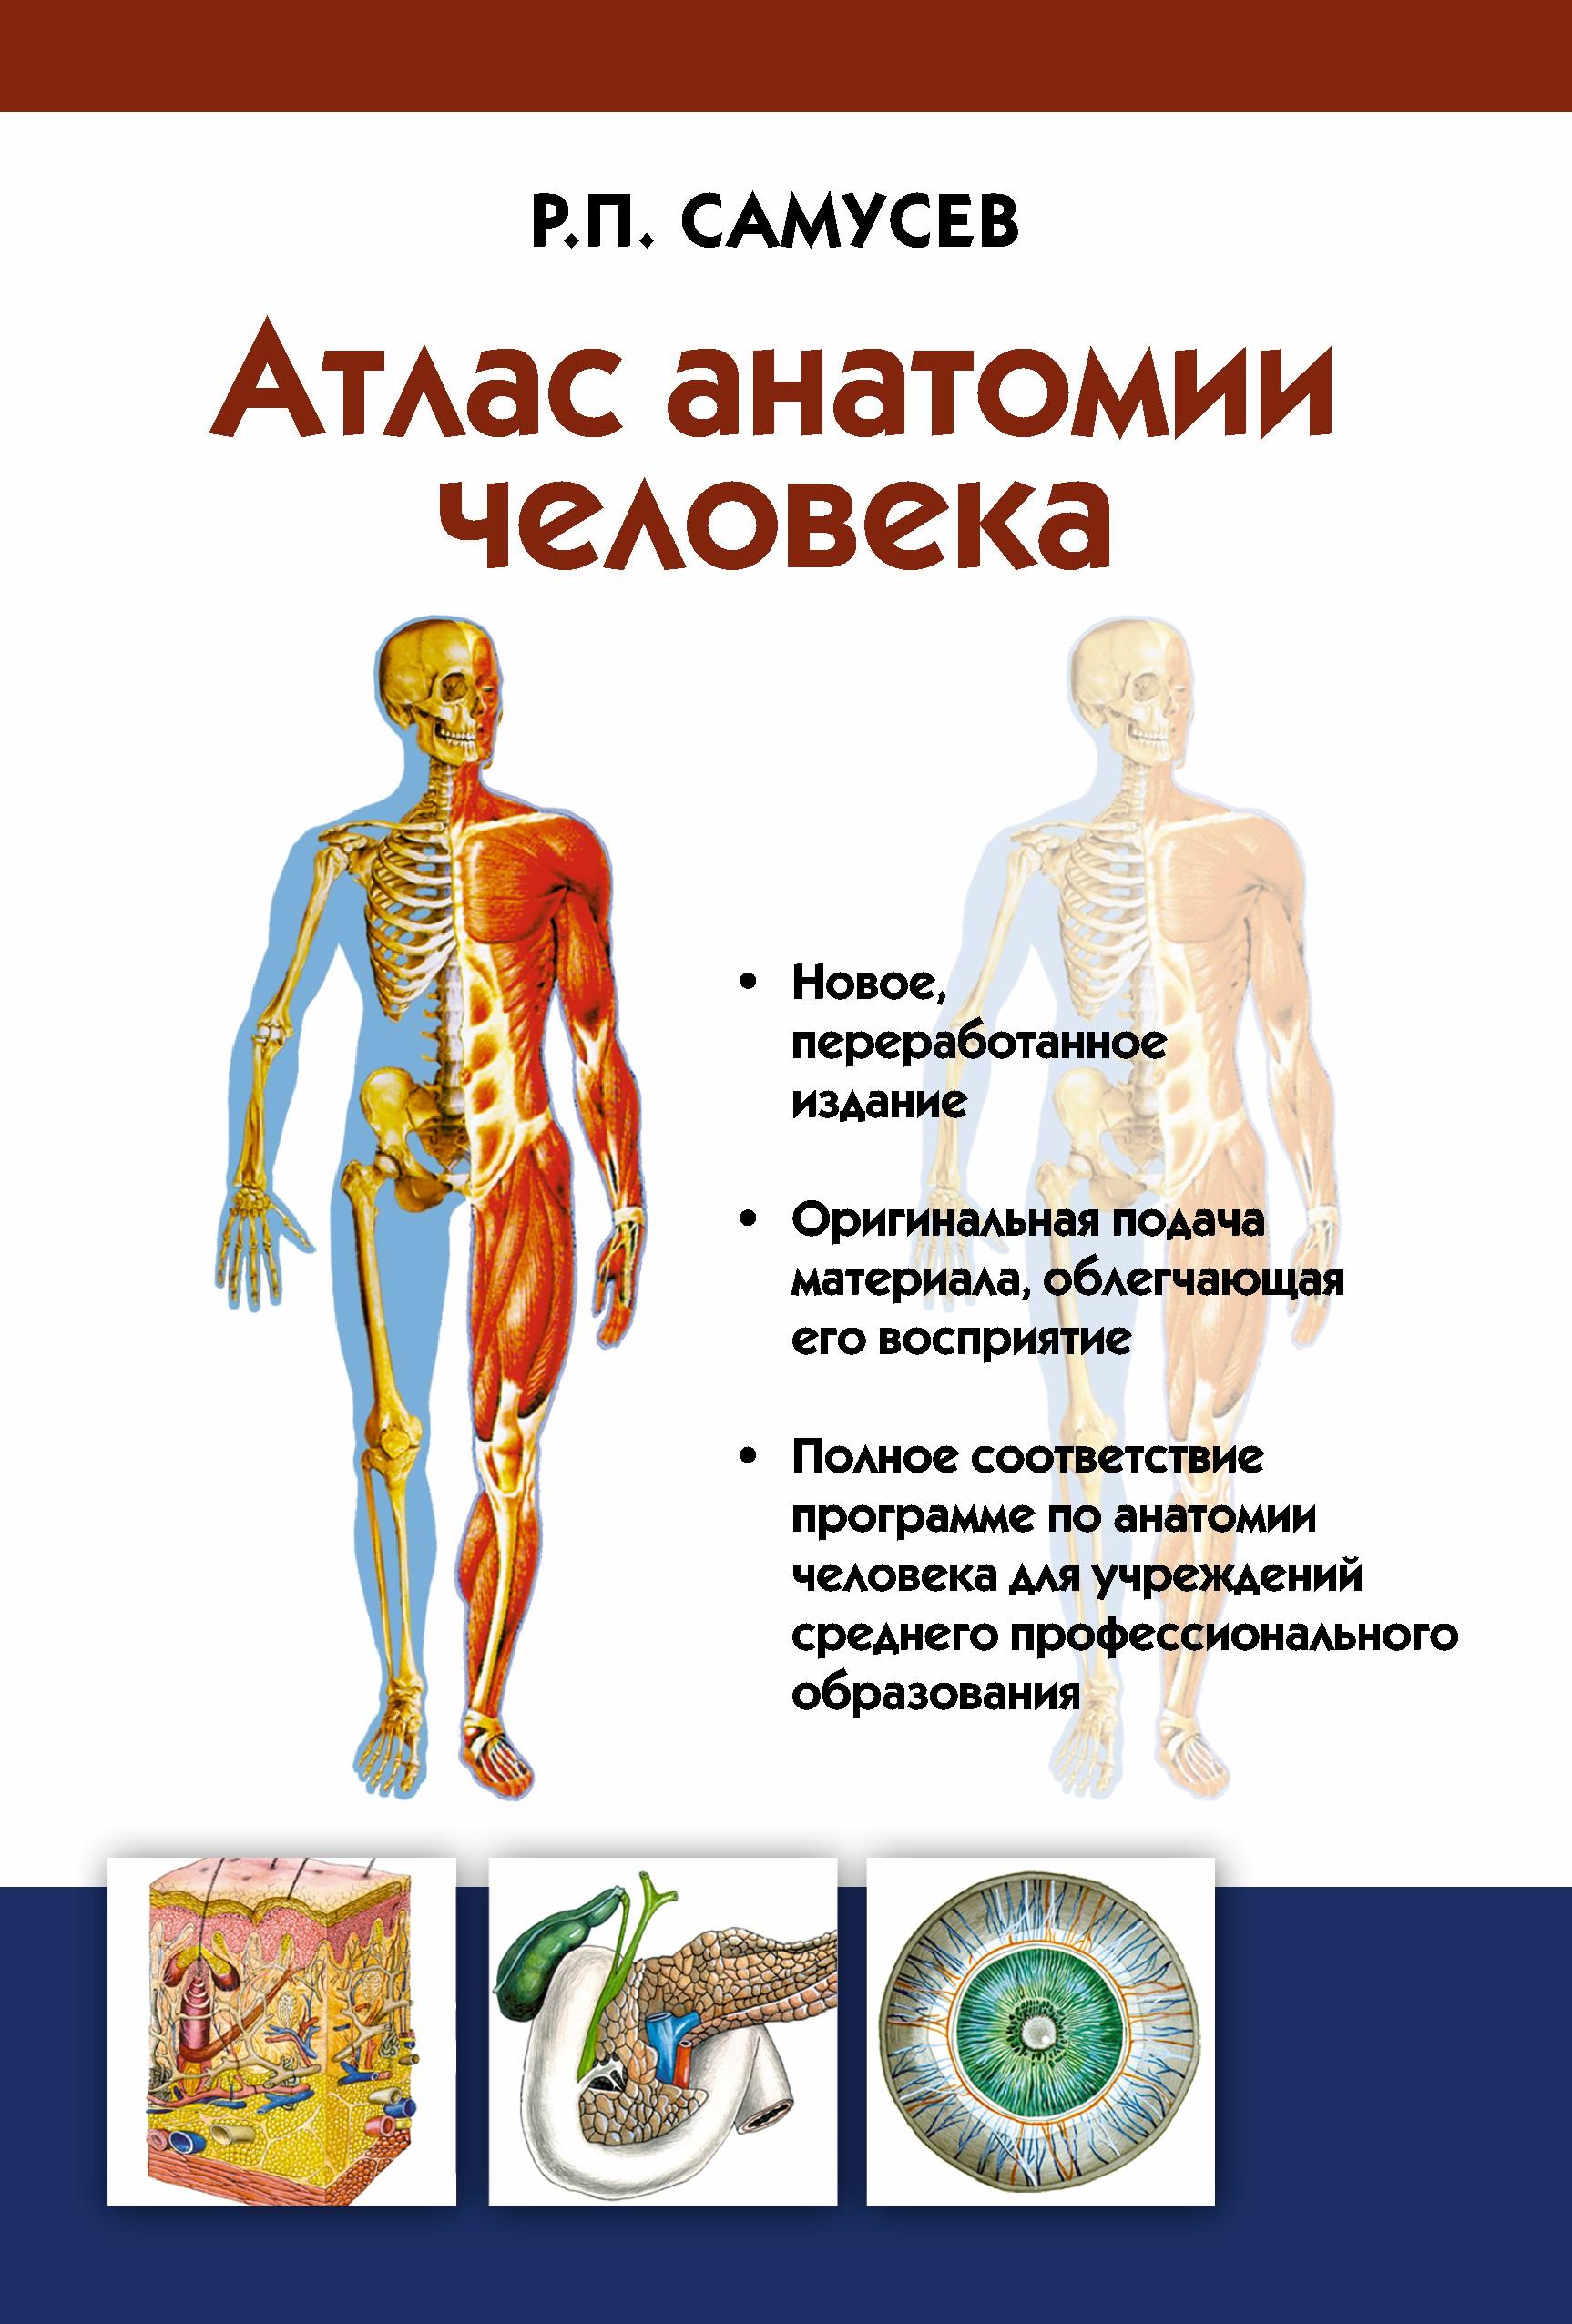 Атлас анатомии человека. Учебное пособие для студентов учреждений среднего профессионального образования ( Самусев Р.П.  )